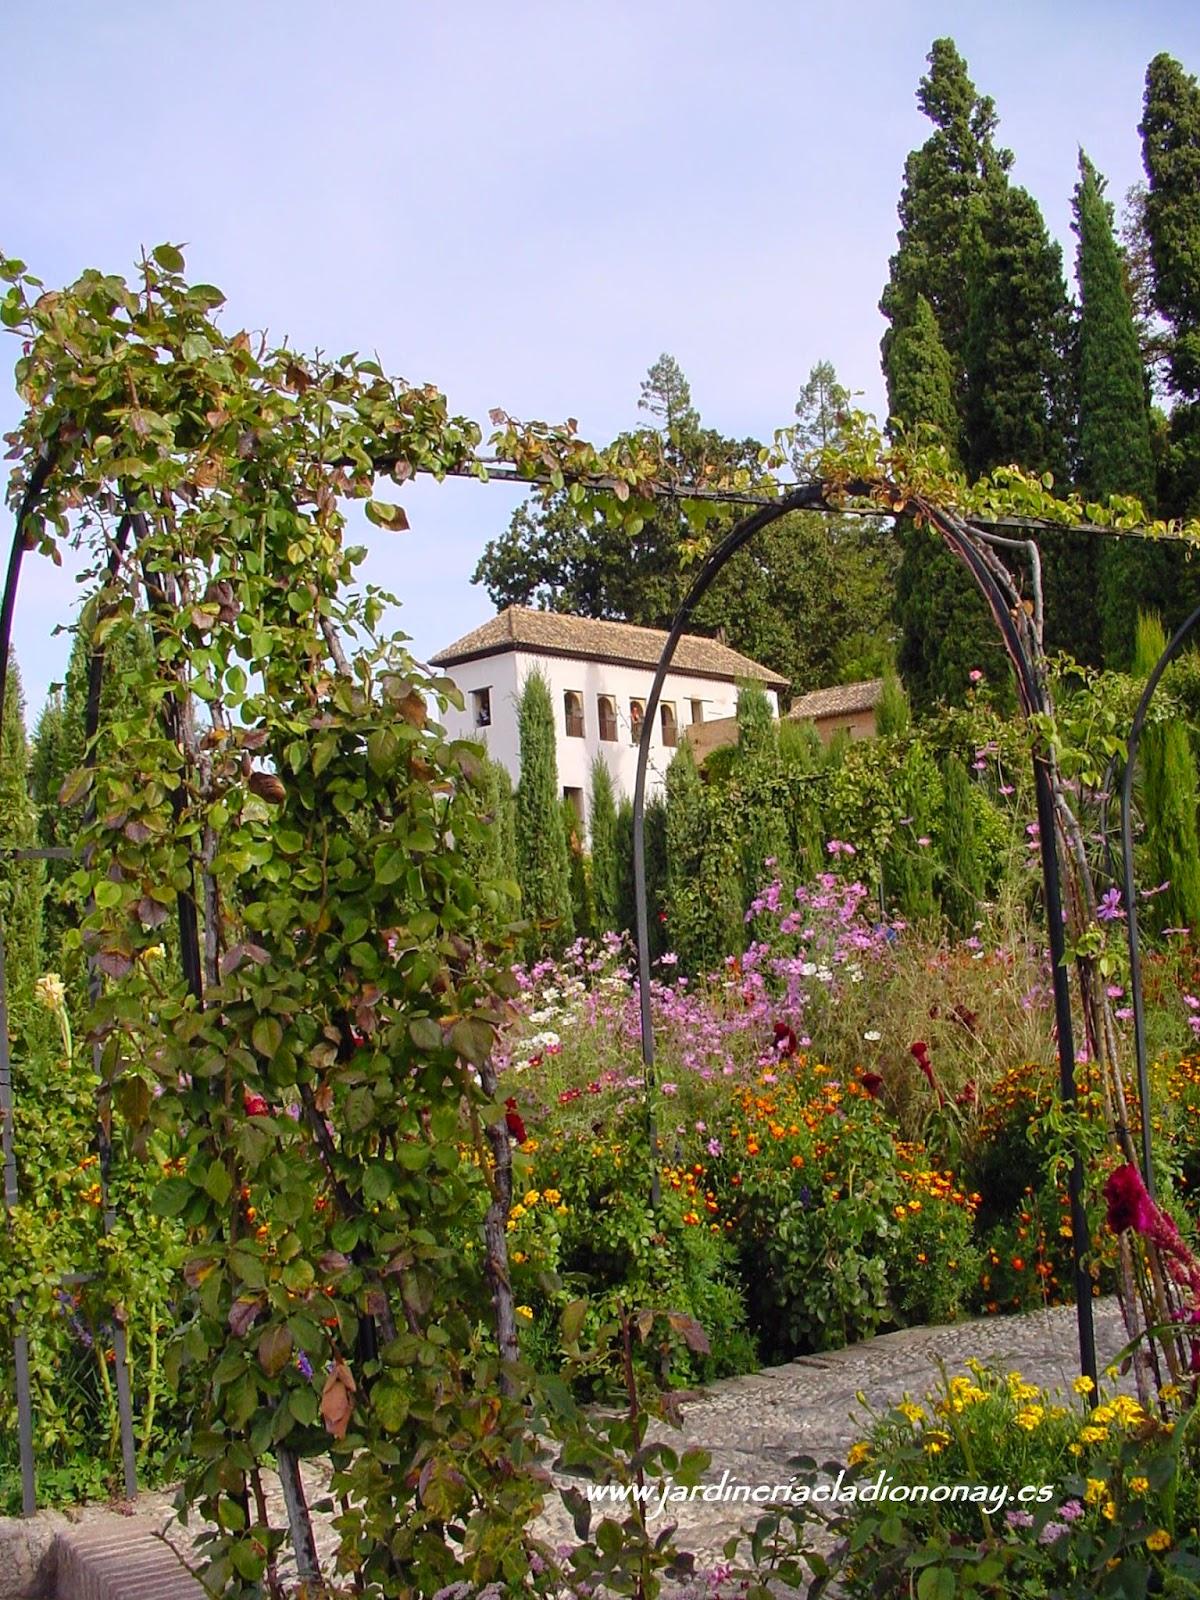 Jardineria eladio nonay jard n campestre en la alhambra - Jardineria eladio nonay ...